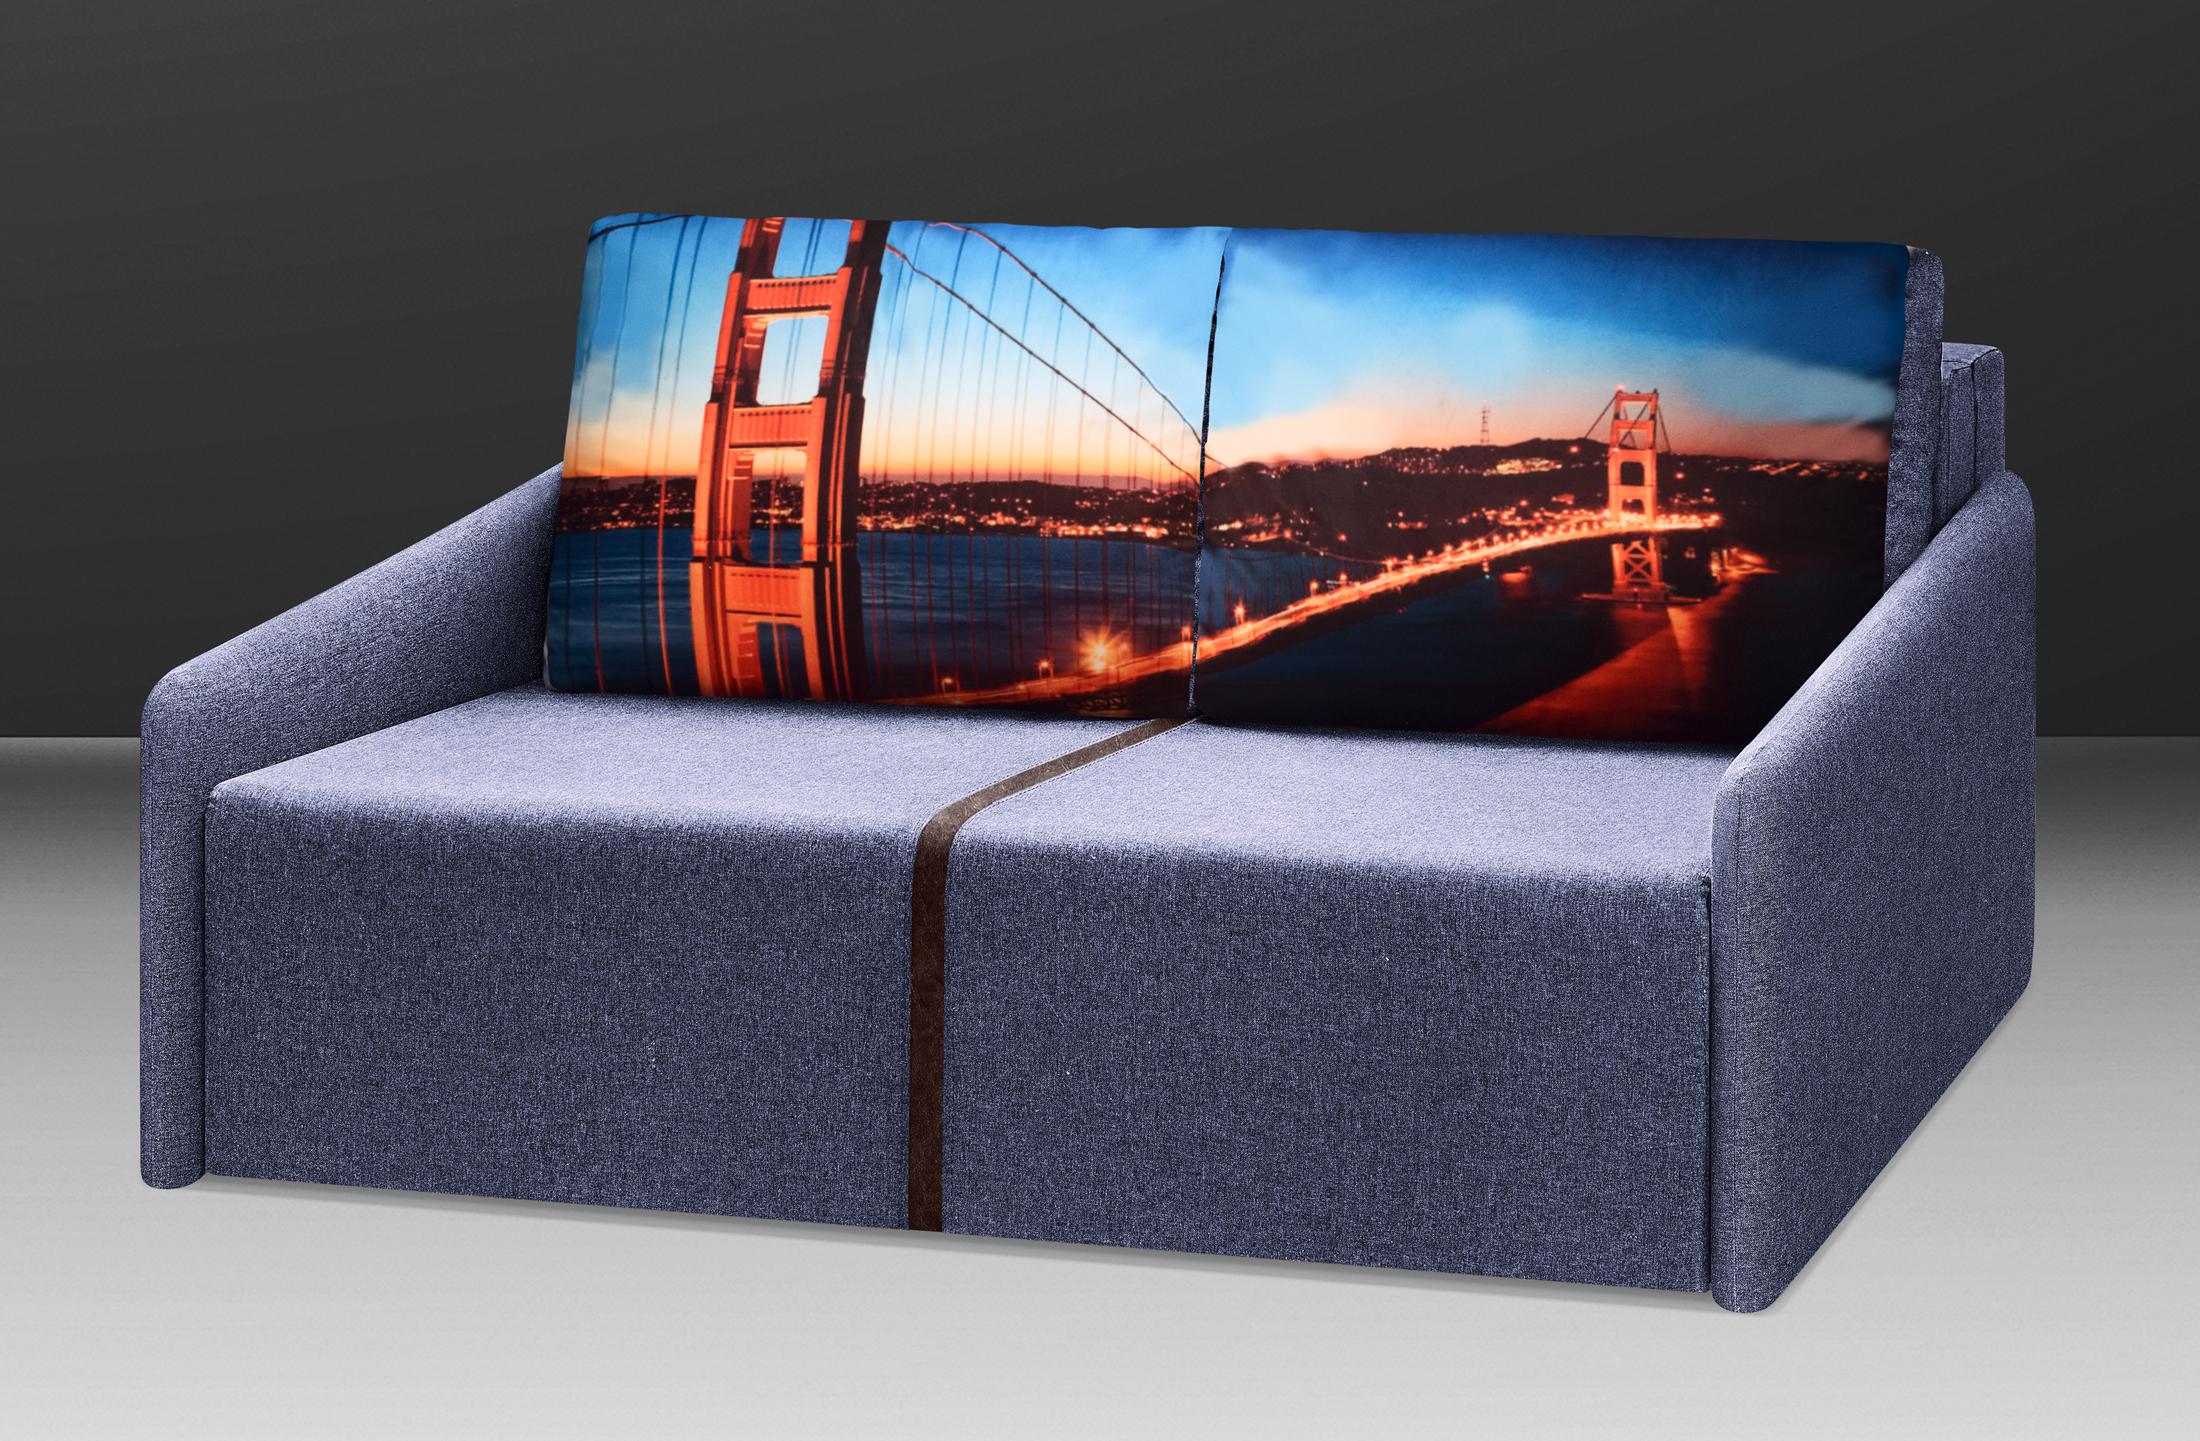 Как выбрать диван вашей мечты? Самые важные критерии выбора дивана.